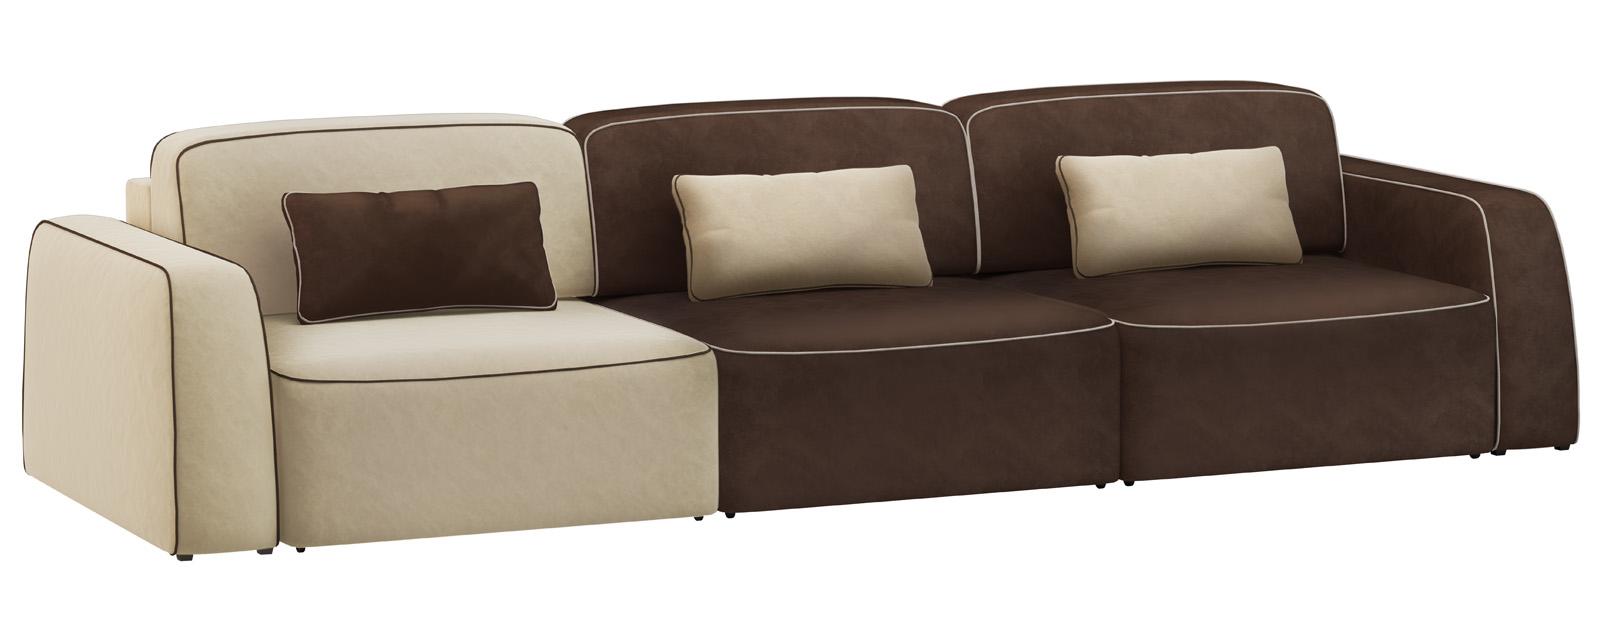 Модульный диван Портленд 300 см Вариант №2 Velure бежевый/темно-коричневый (Велюр)